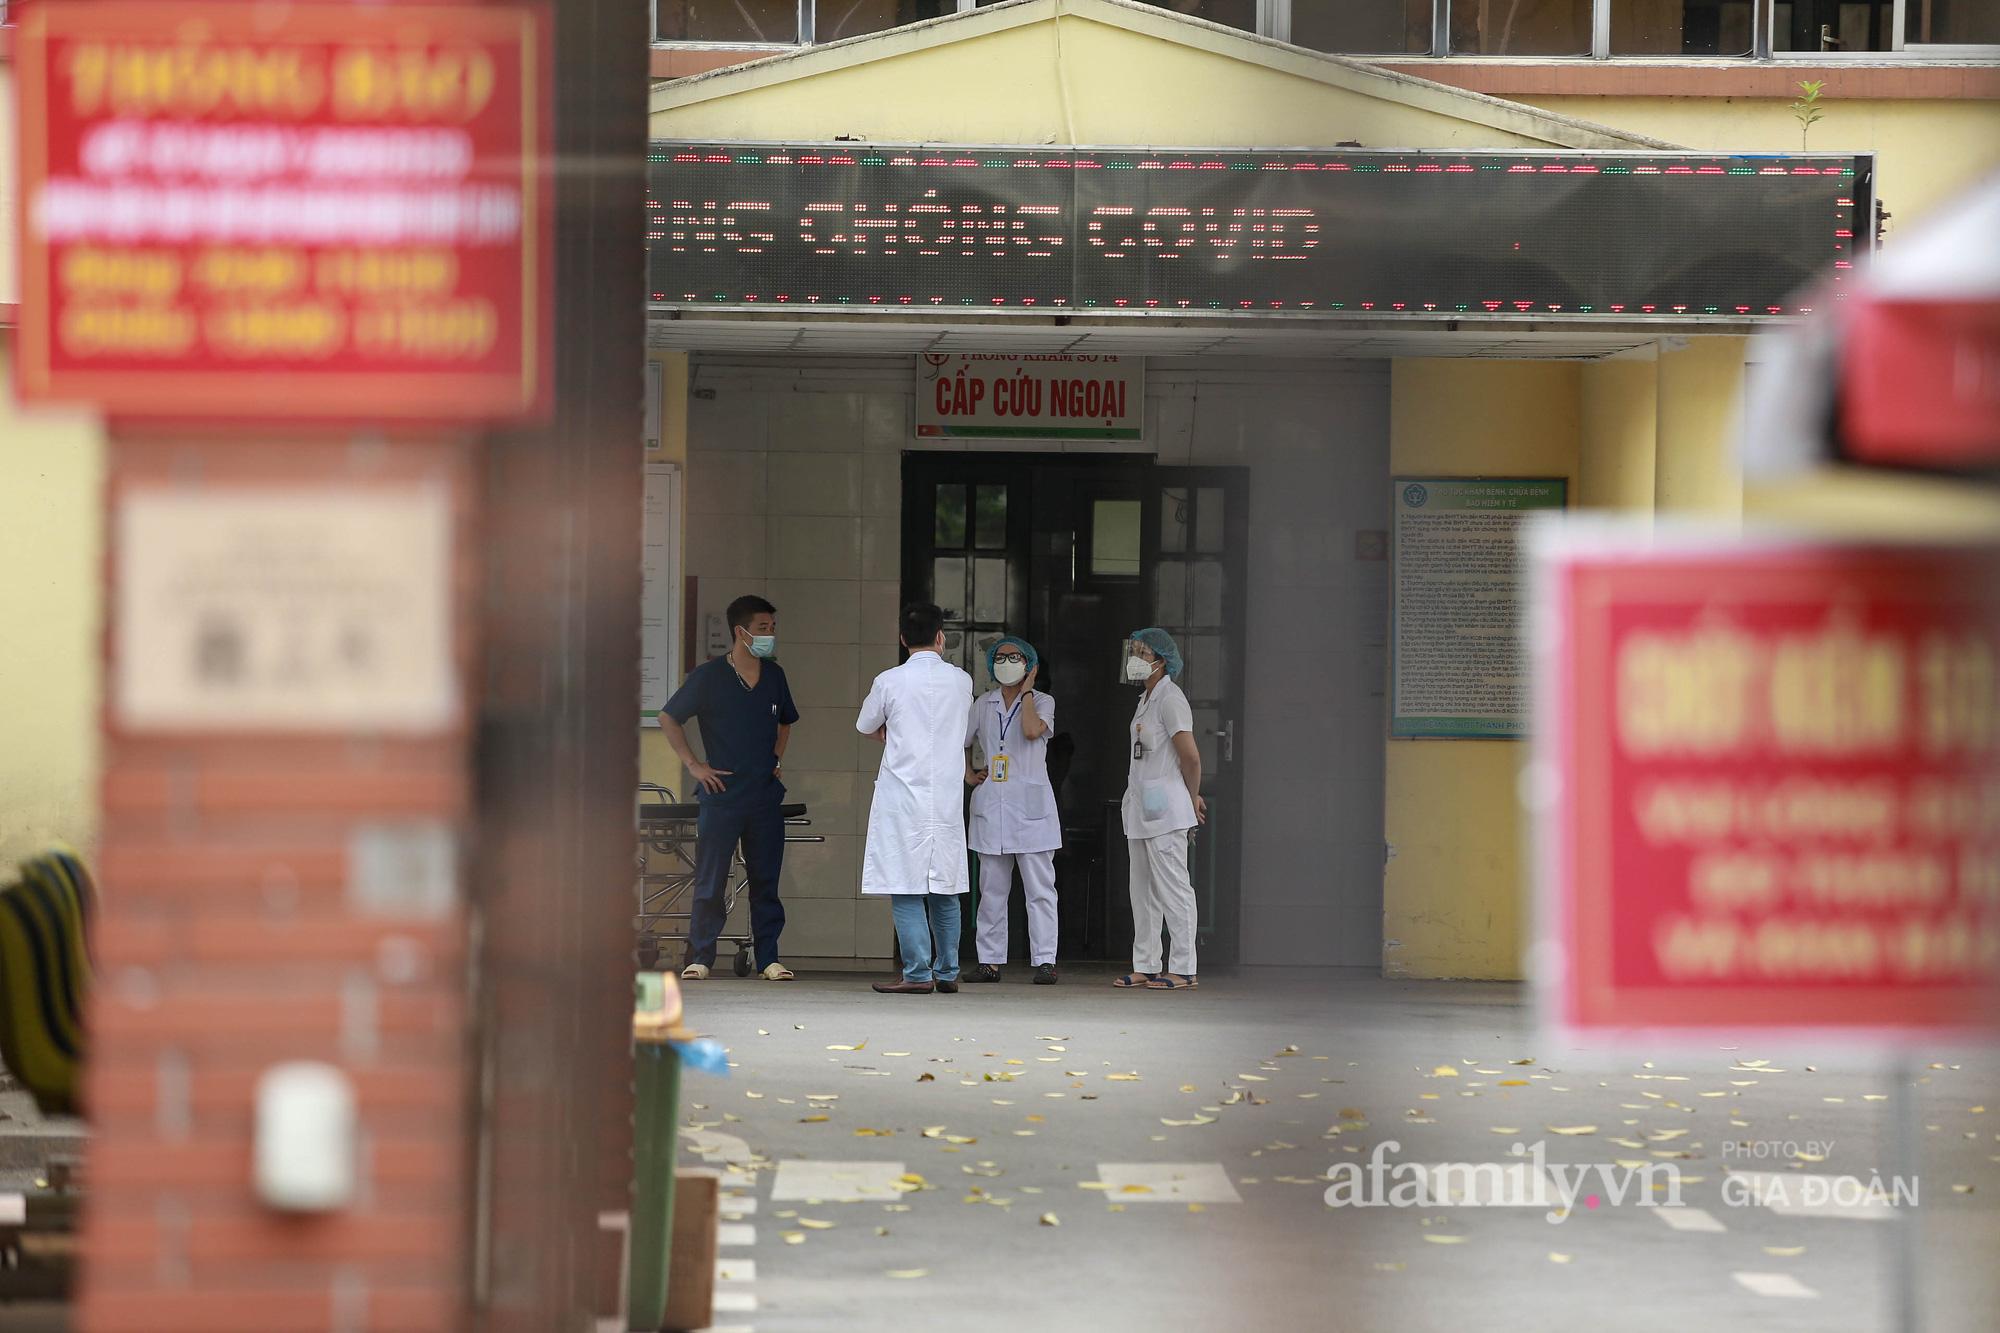 Bệnh viện Bắc Thăng Long tạm thời phong tỏa, dừng tiếp nhận bệnh nhân vì có liên quan đến người phụ nữ bán rau dương tính SARS-CoV-2 trong cộng đồng - Ảnh 11.